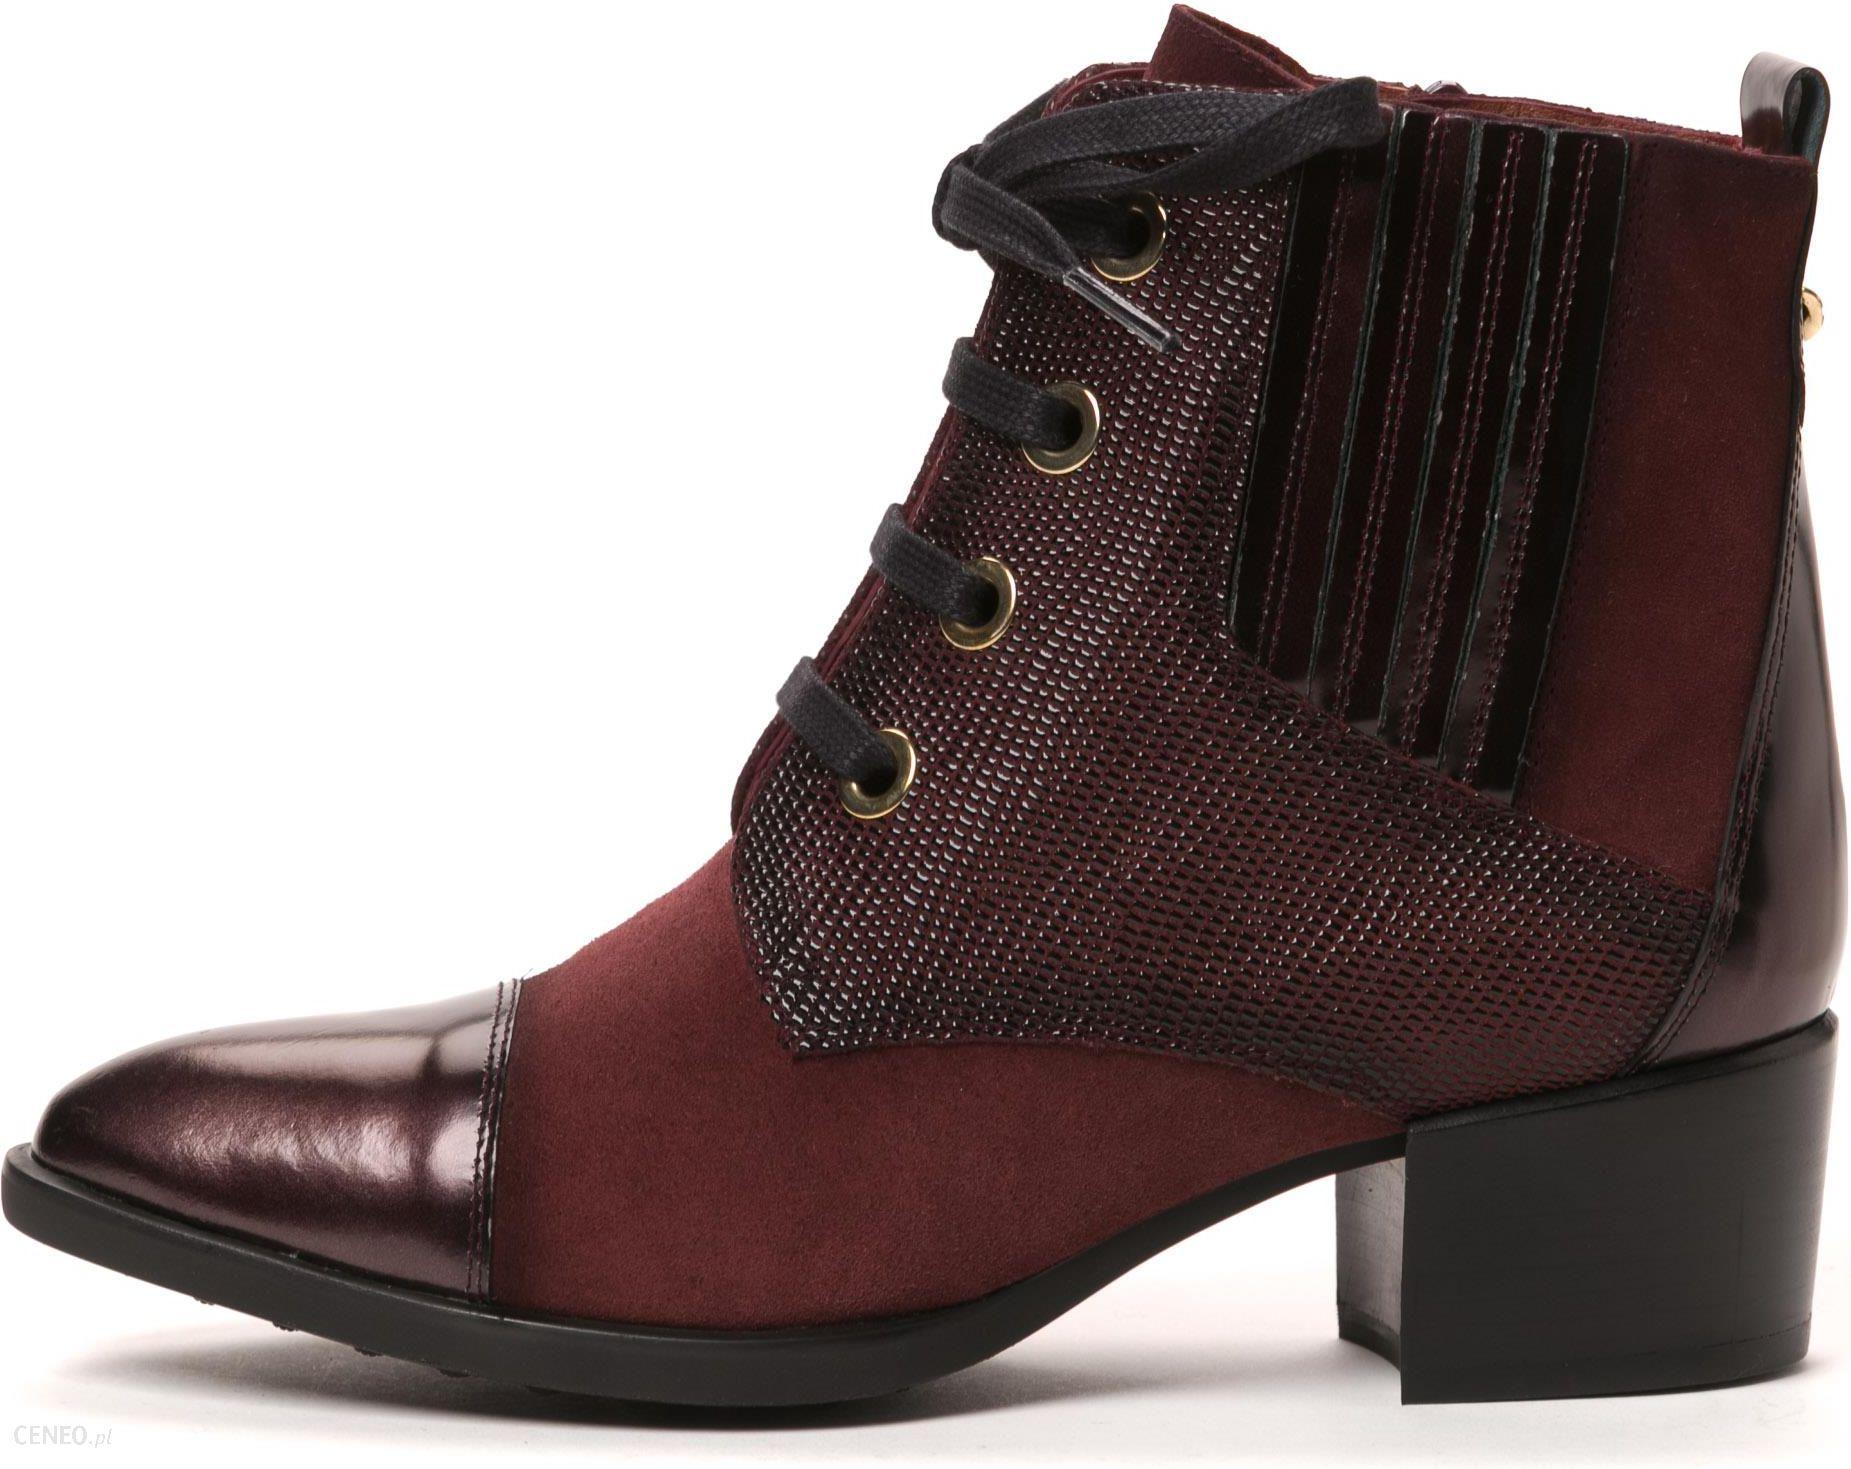 2ead983a99b44 Hispanitas buty za kostkę damskie 40 burgund - Ceny i opinie - Ceneo.pl